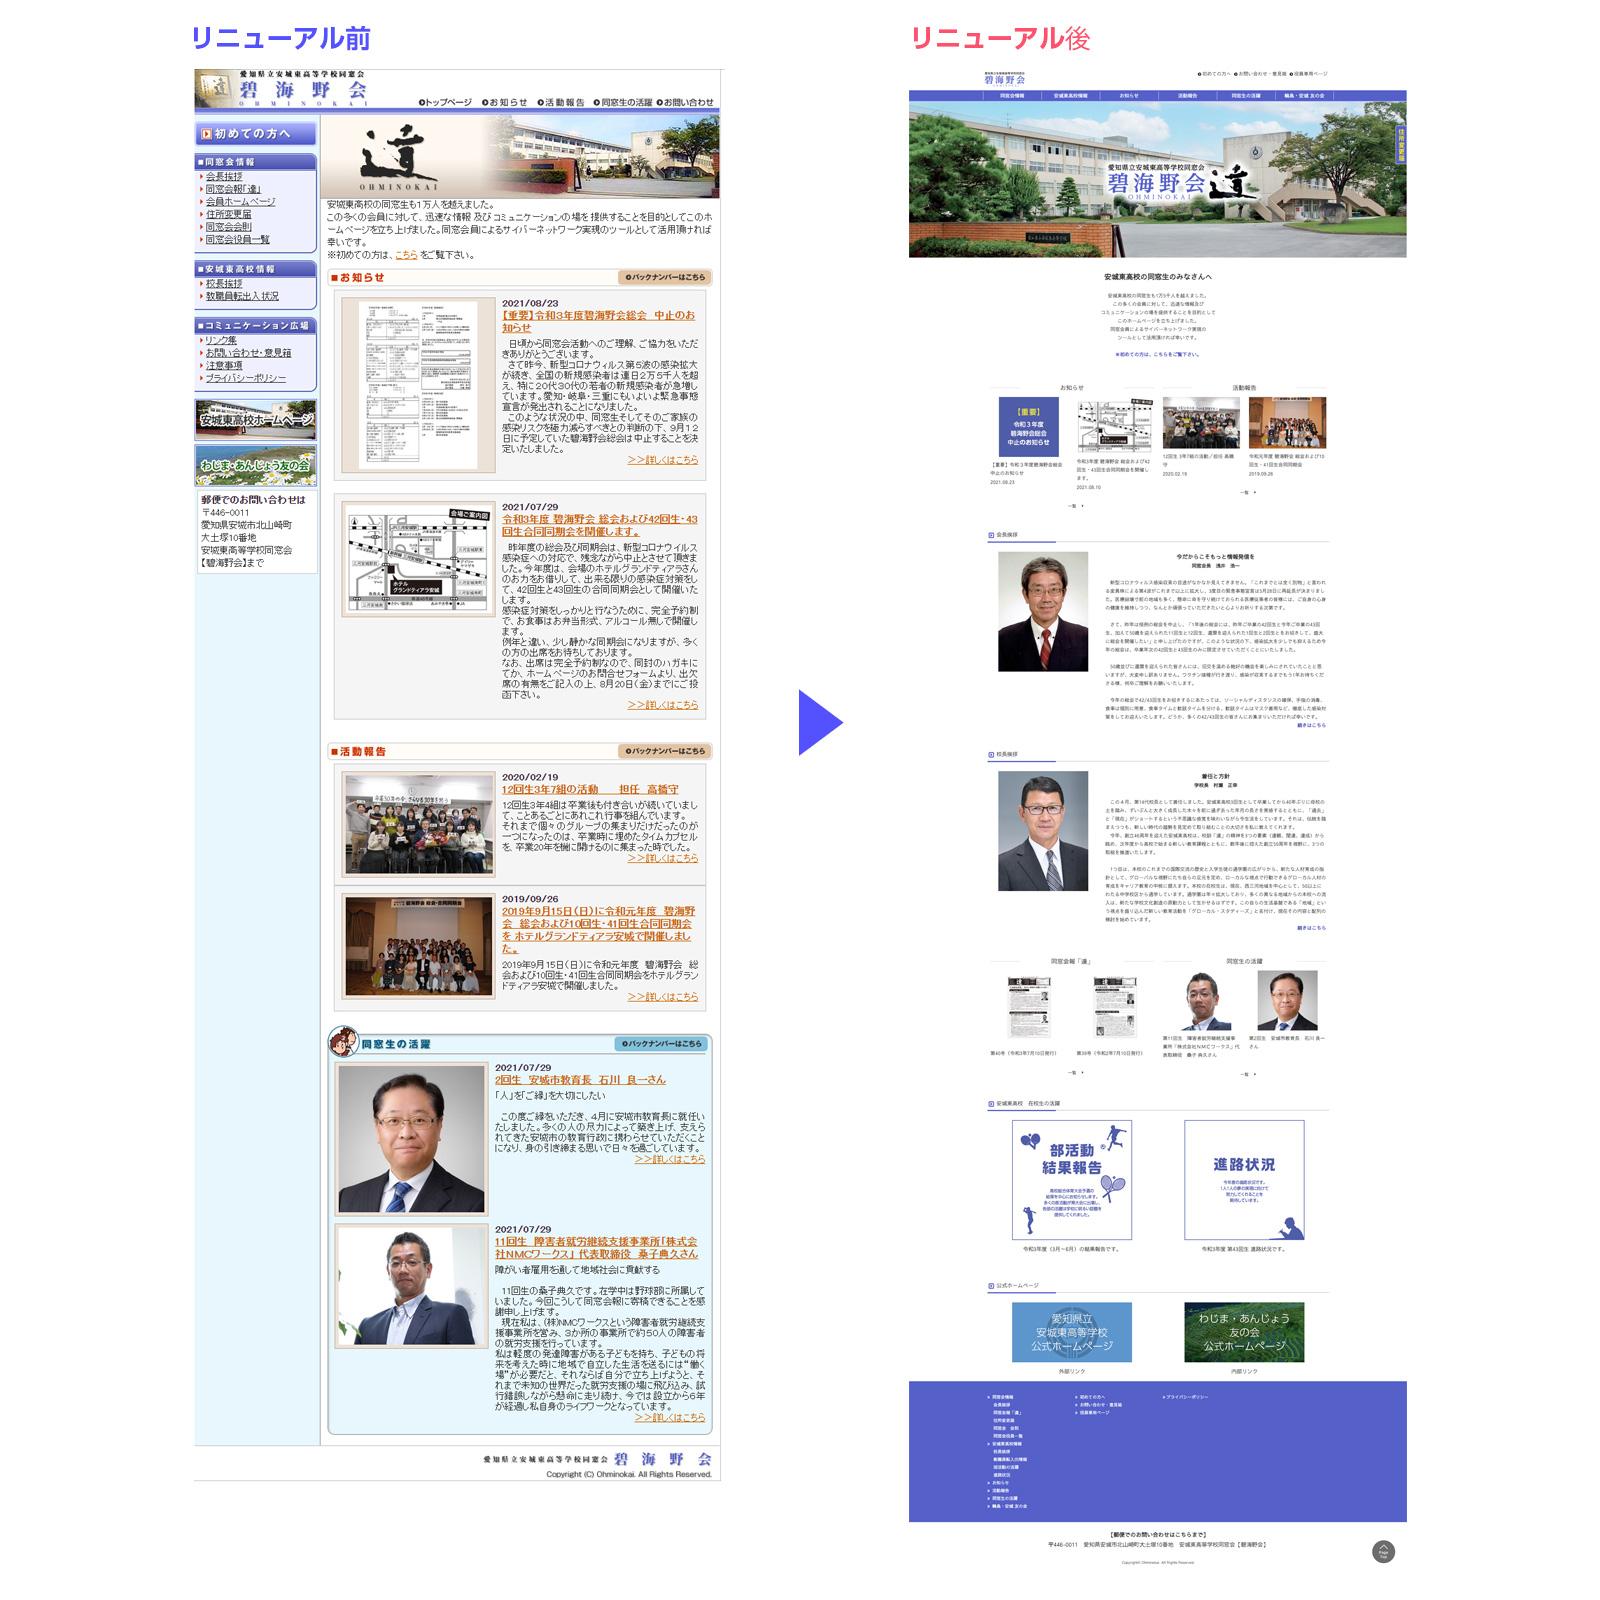 愛知県立安城東高校同窓会 碧海野会「達」様 WEBサイトリニューアル